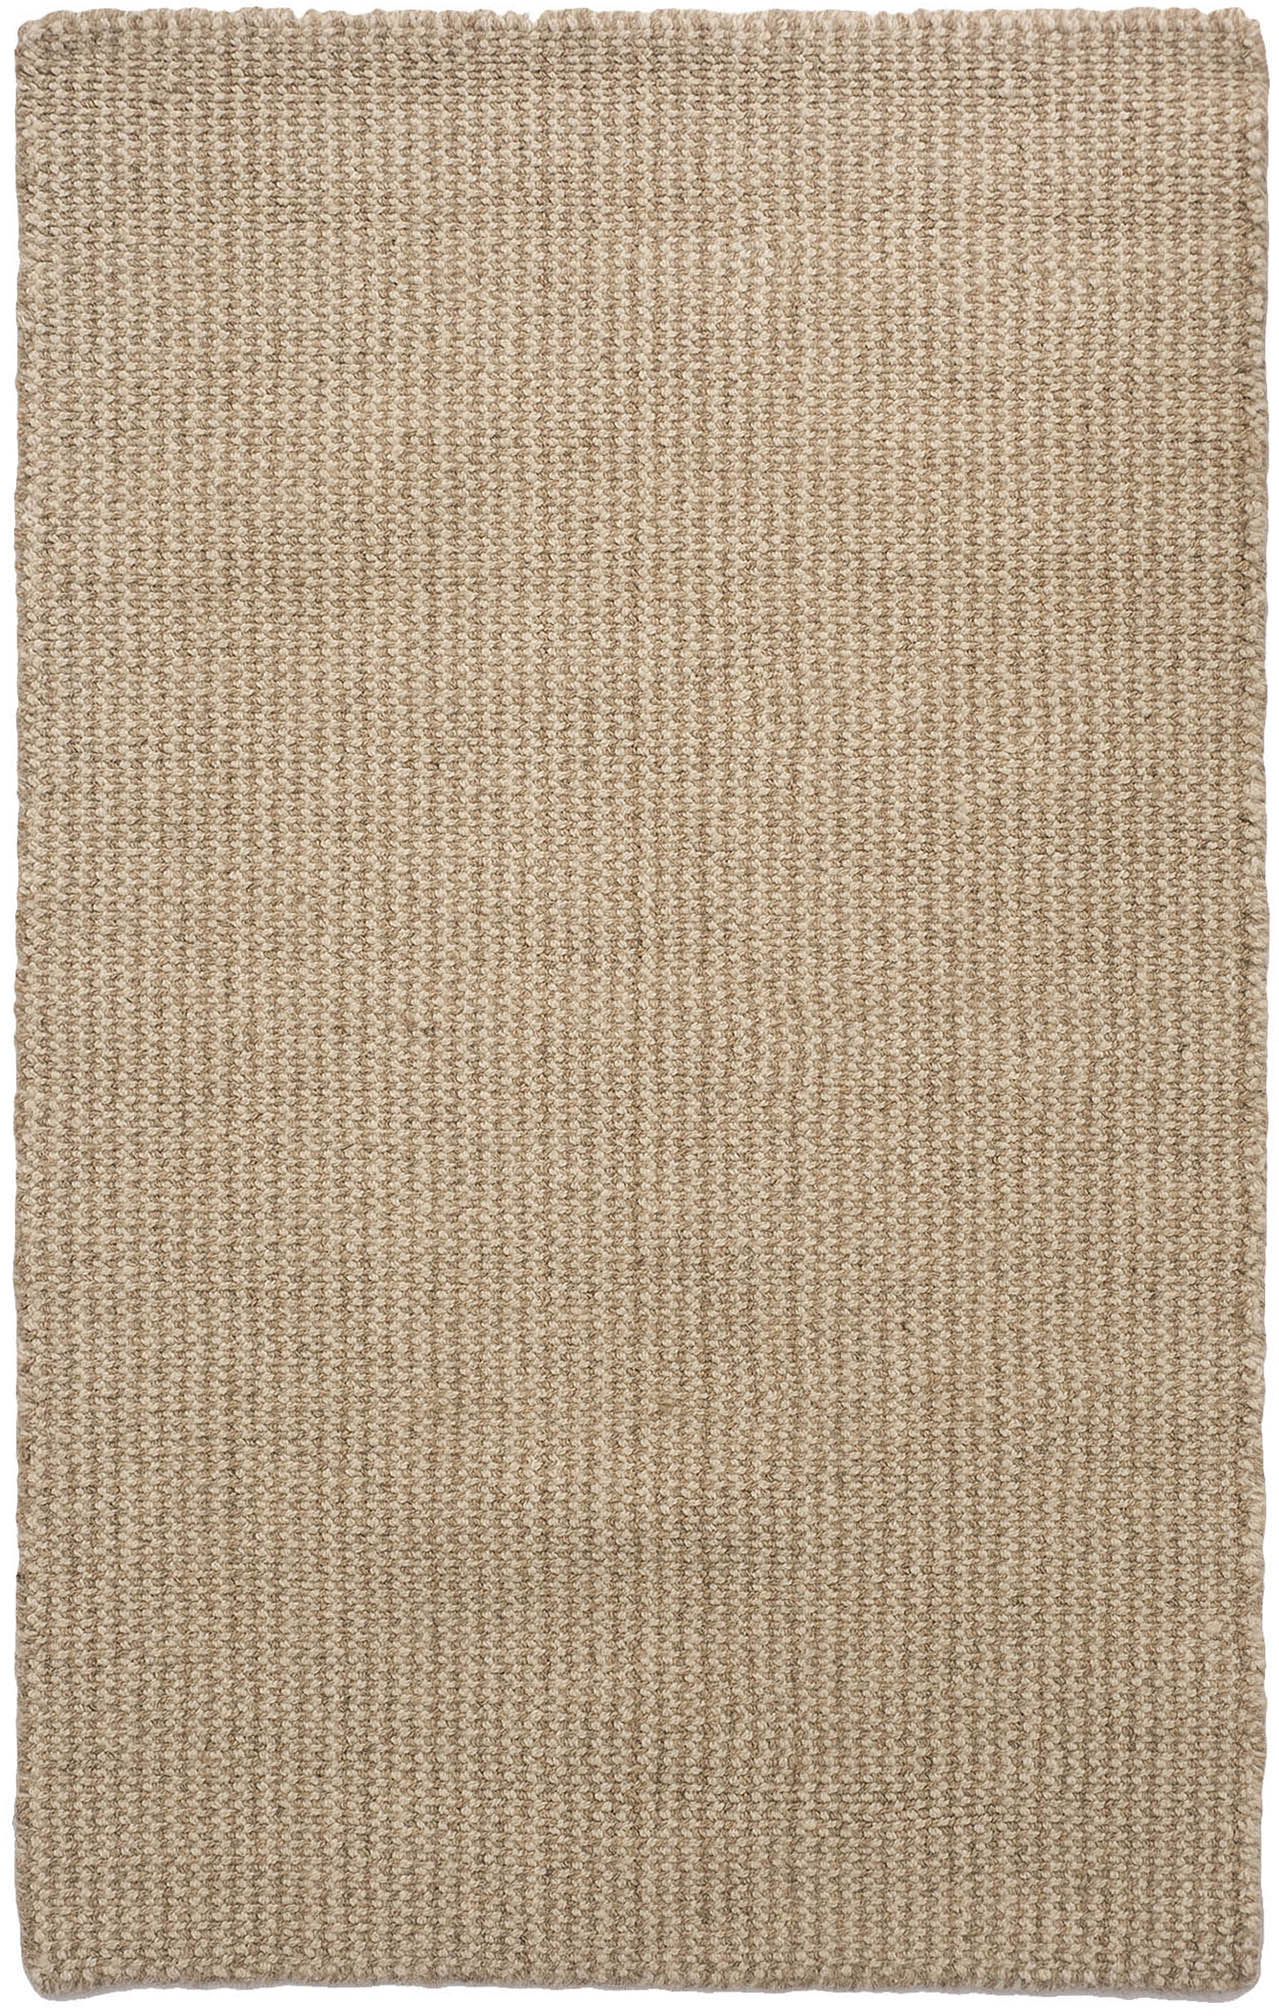 Crossweave Taupe Natural Wool Loom Hooked Rug